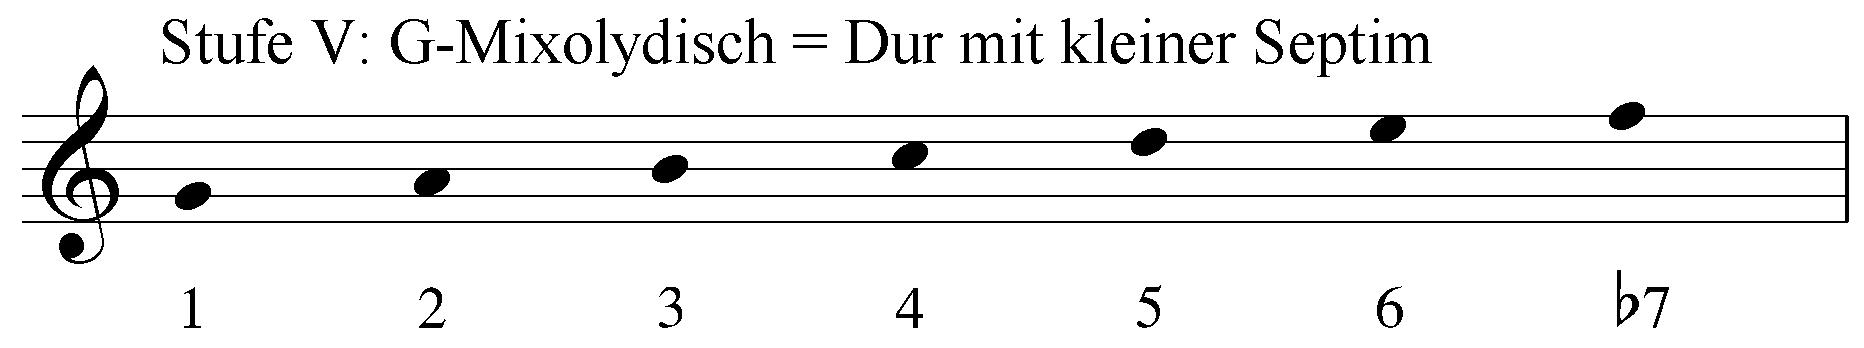 Stufe 5: G-Mixolydisch = Dur mit kleiner Septim. Intervalle 1 2 3 4 5 6 b7